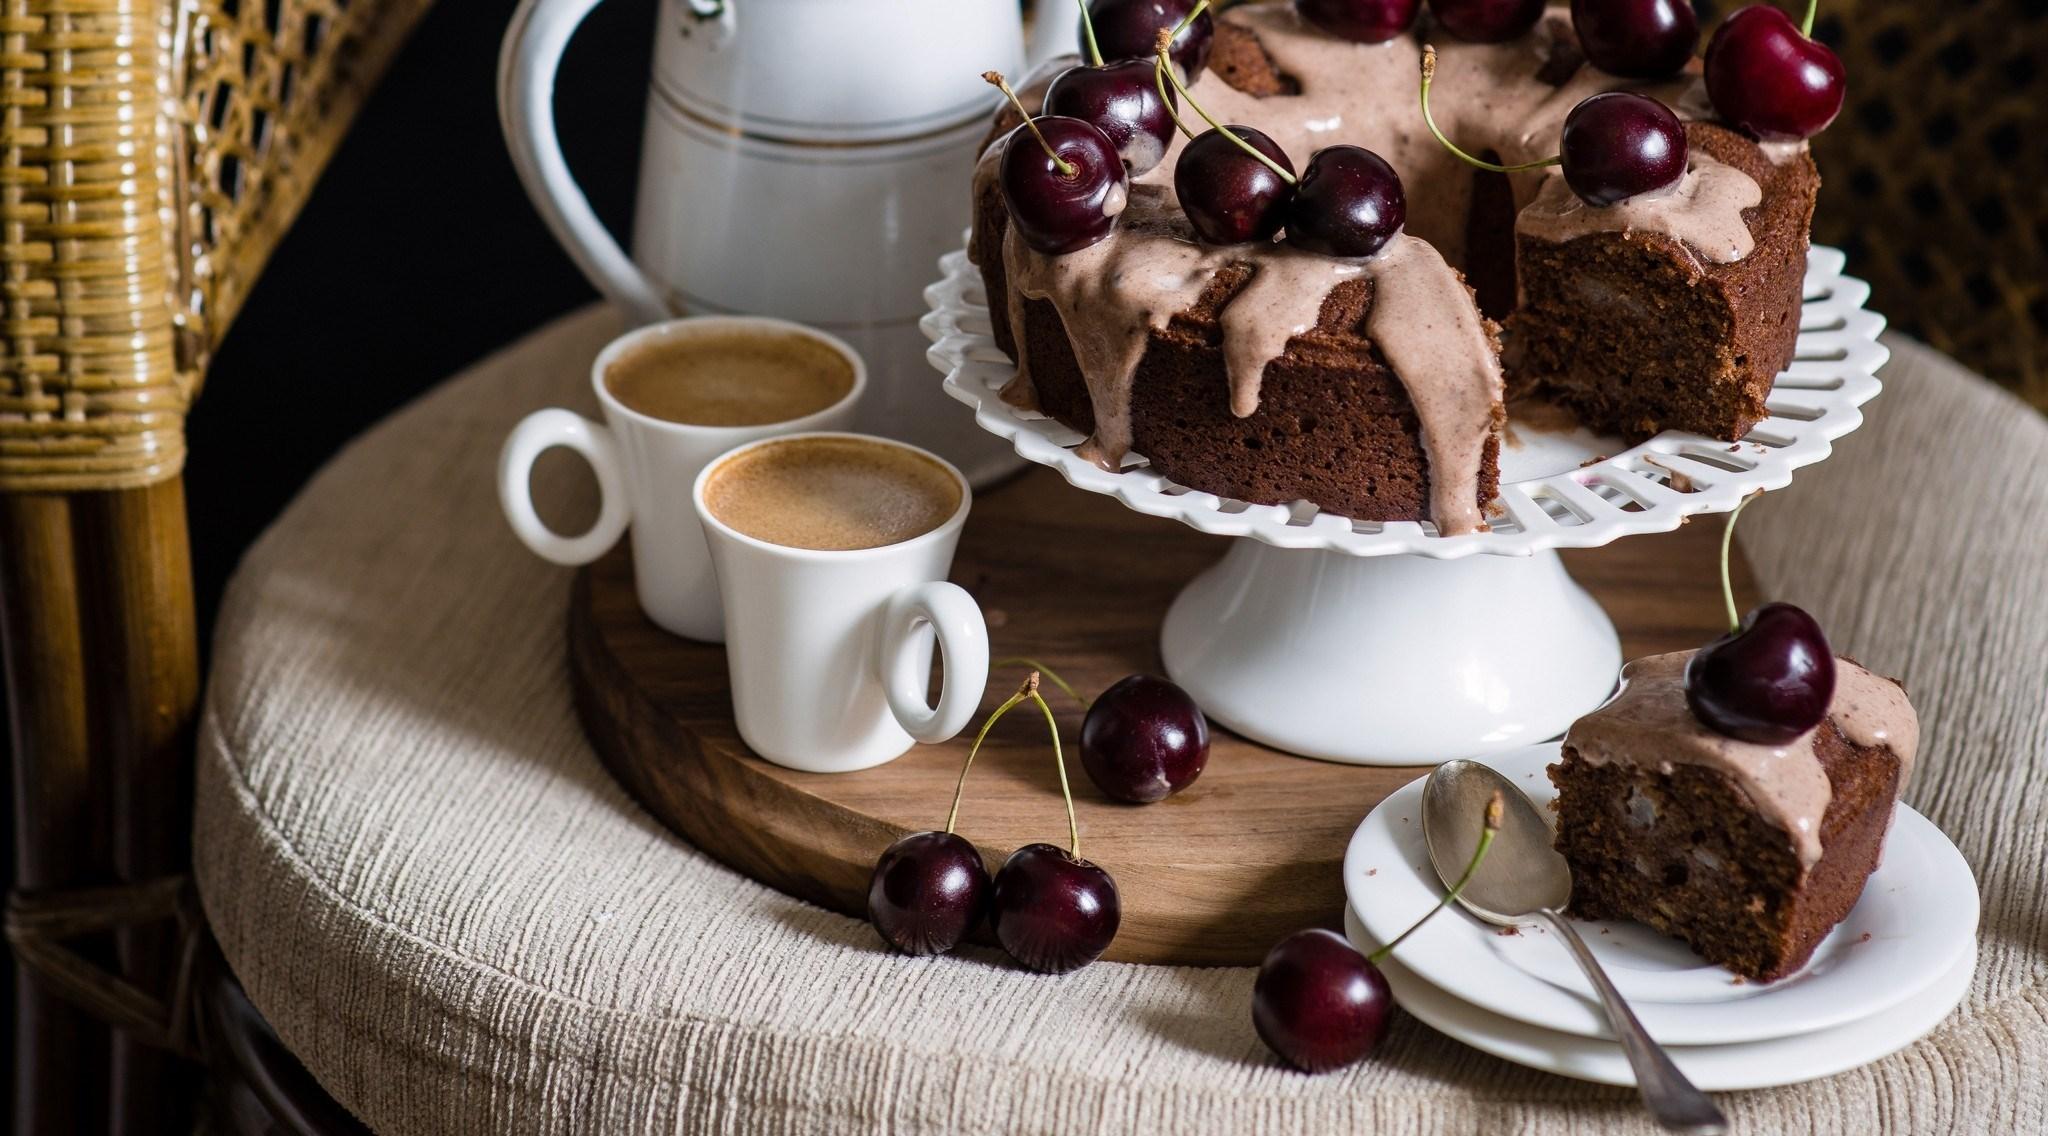 Конфеты к чаю на столе фото